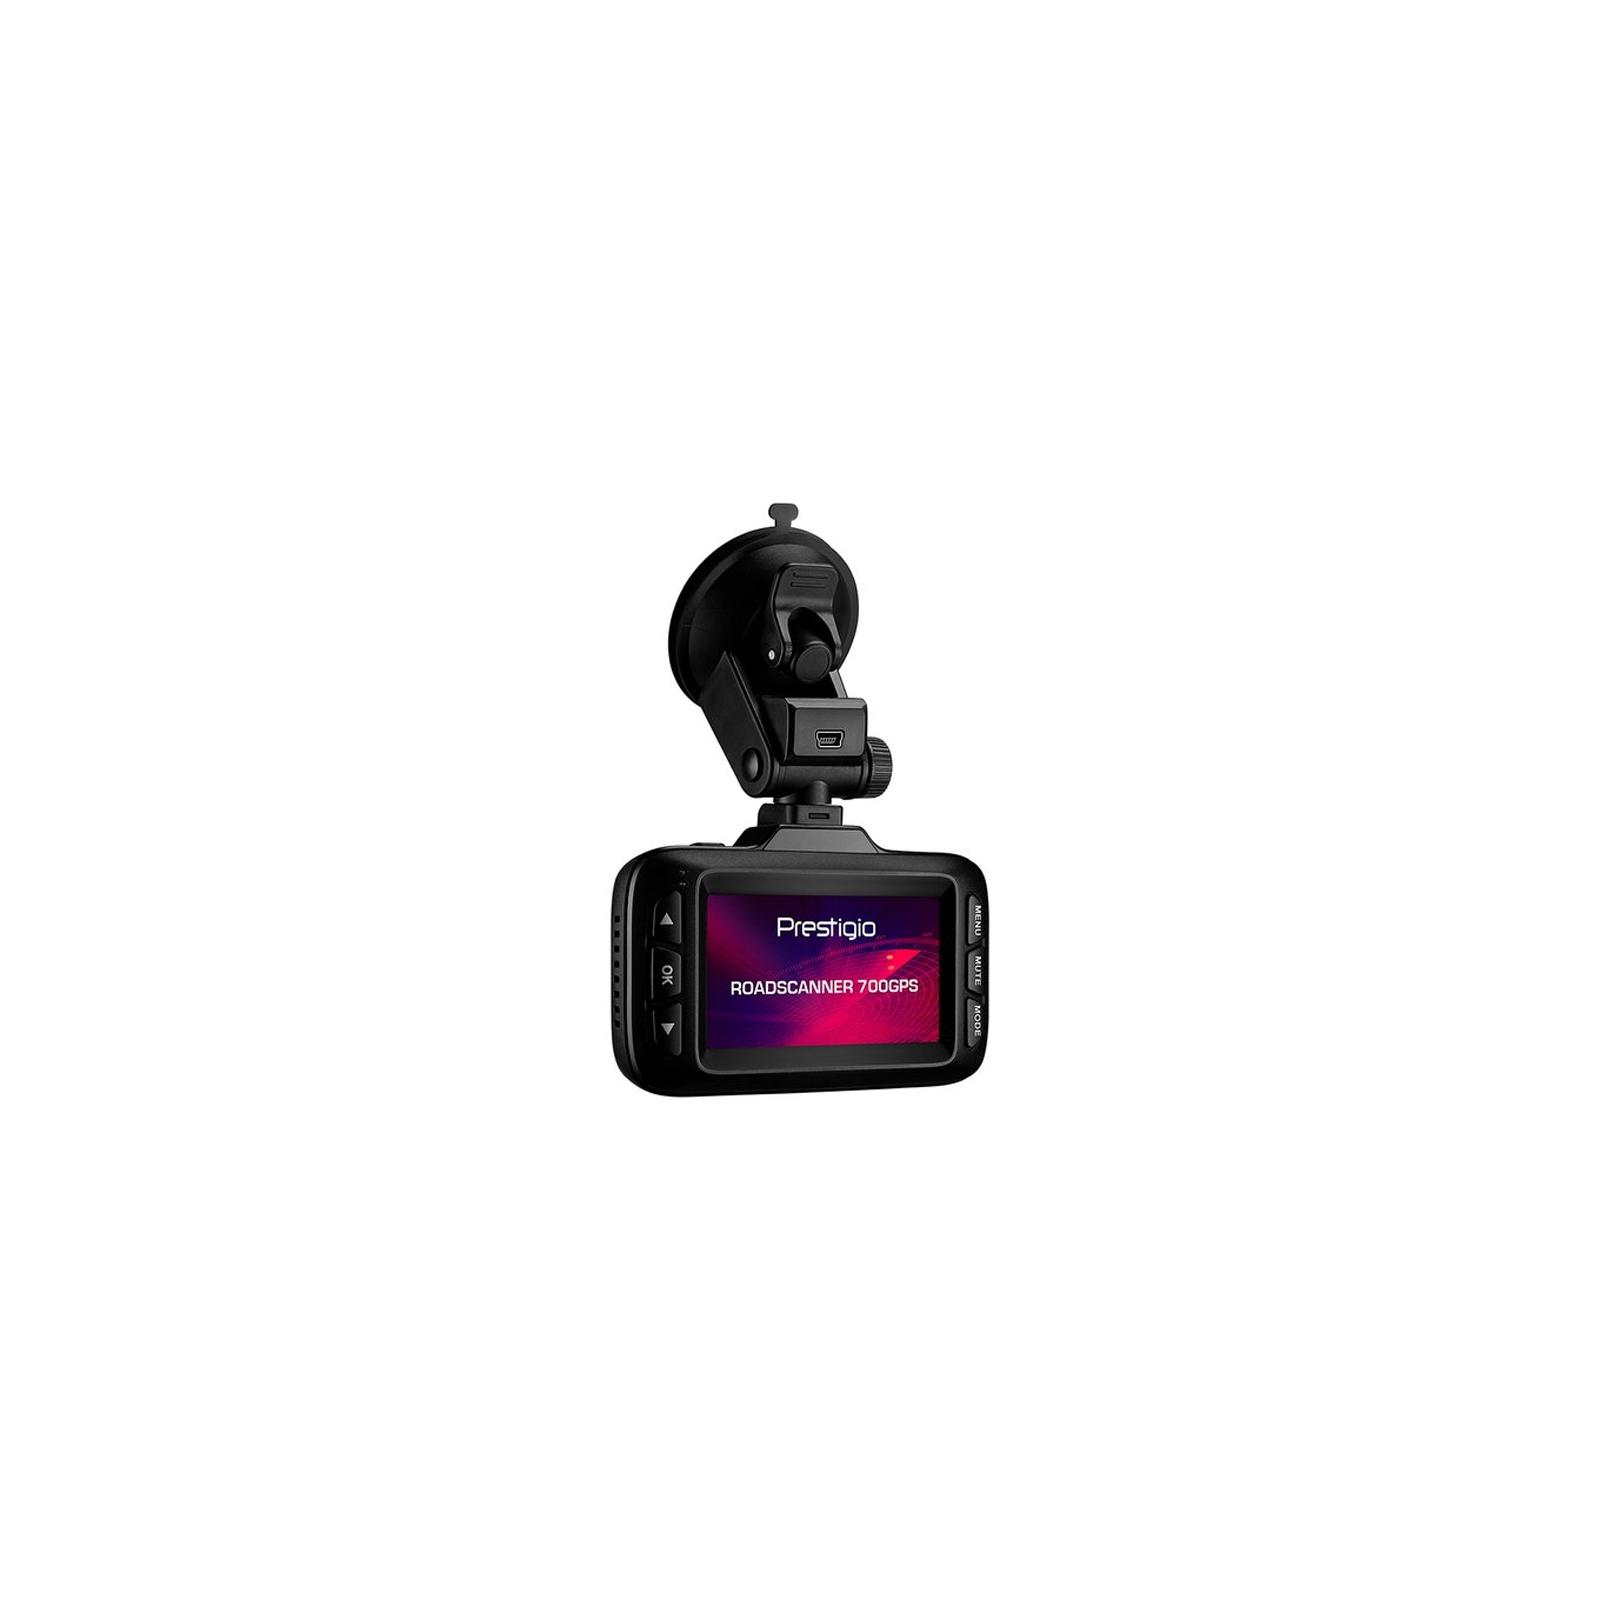 Видеорегистратор Prestigio RoadScanner 700GPS (PRS700GPS) изображение 6